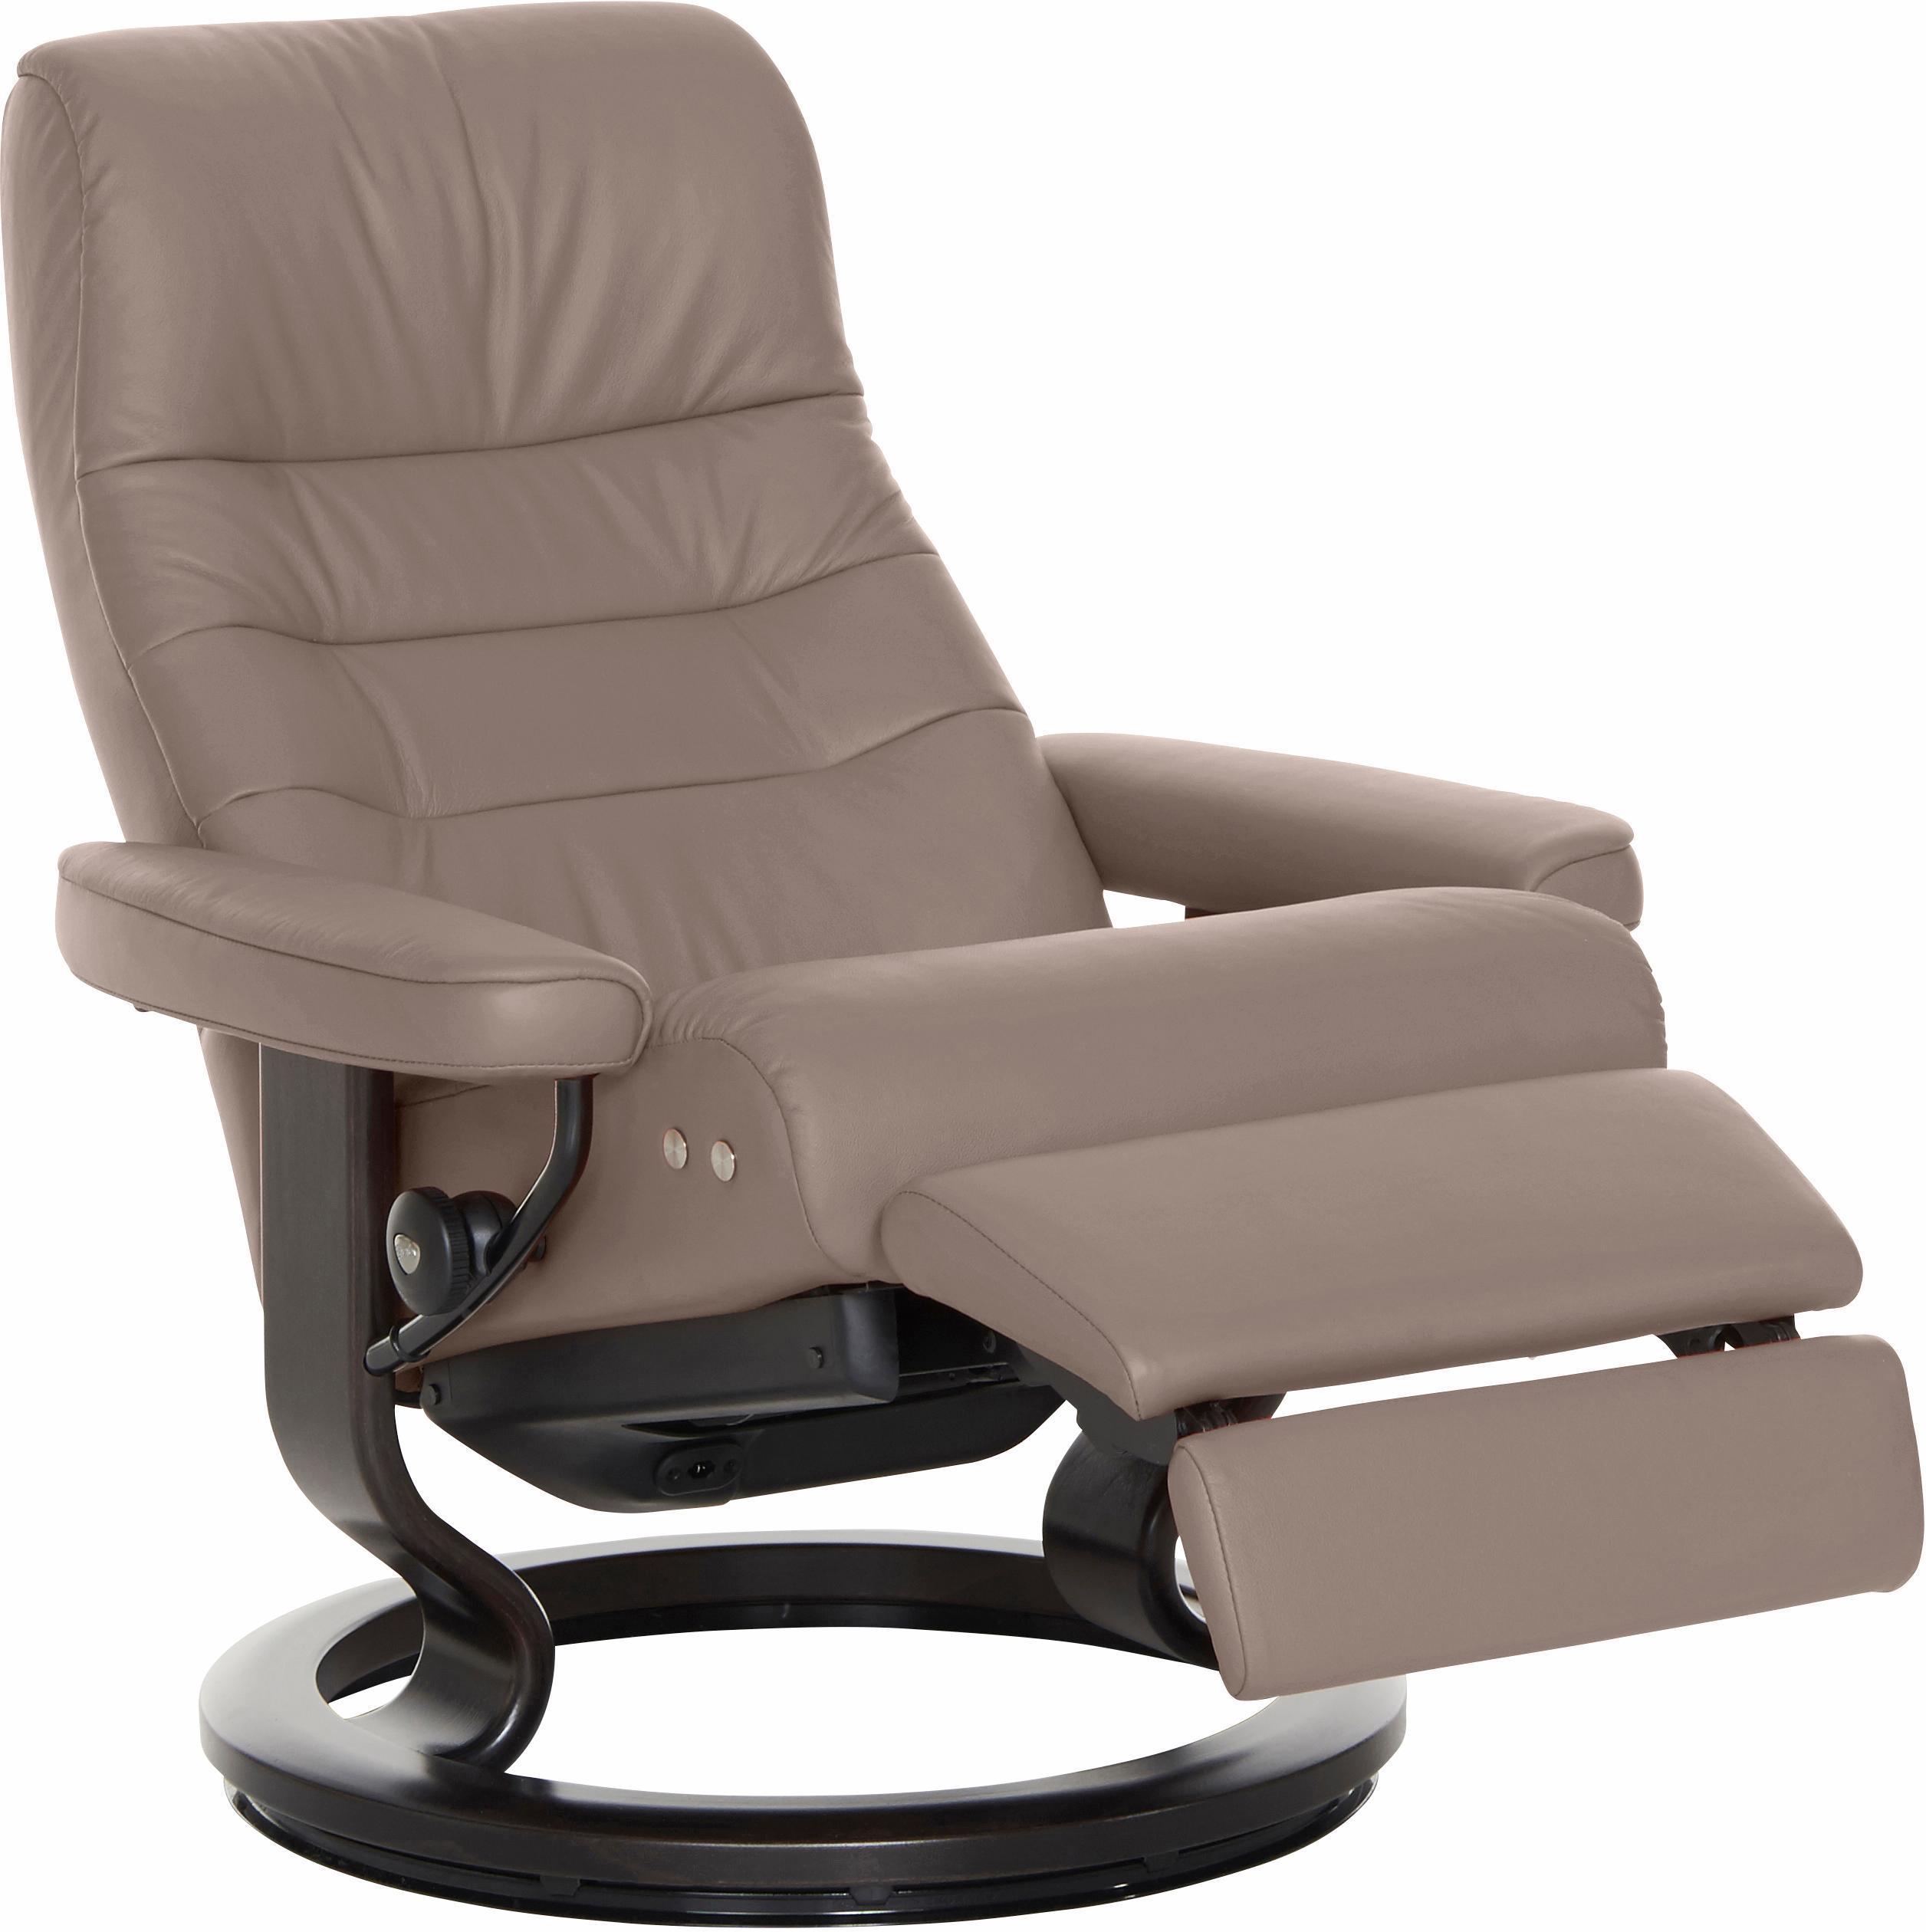 Stressless® Relaxsessel  Opal  mit Classic Base und LegComfort?, Größe M, mit Schlaffunkti Preisvergleich